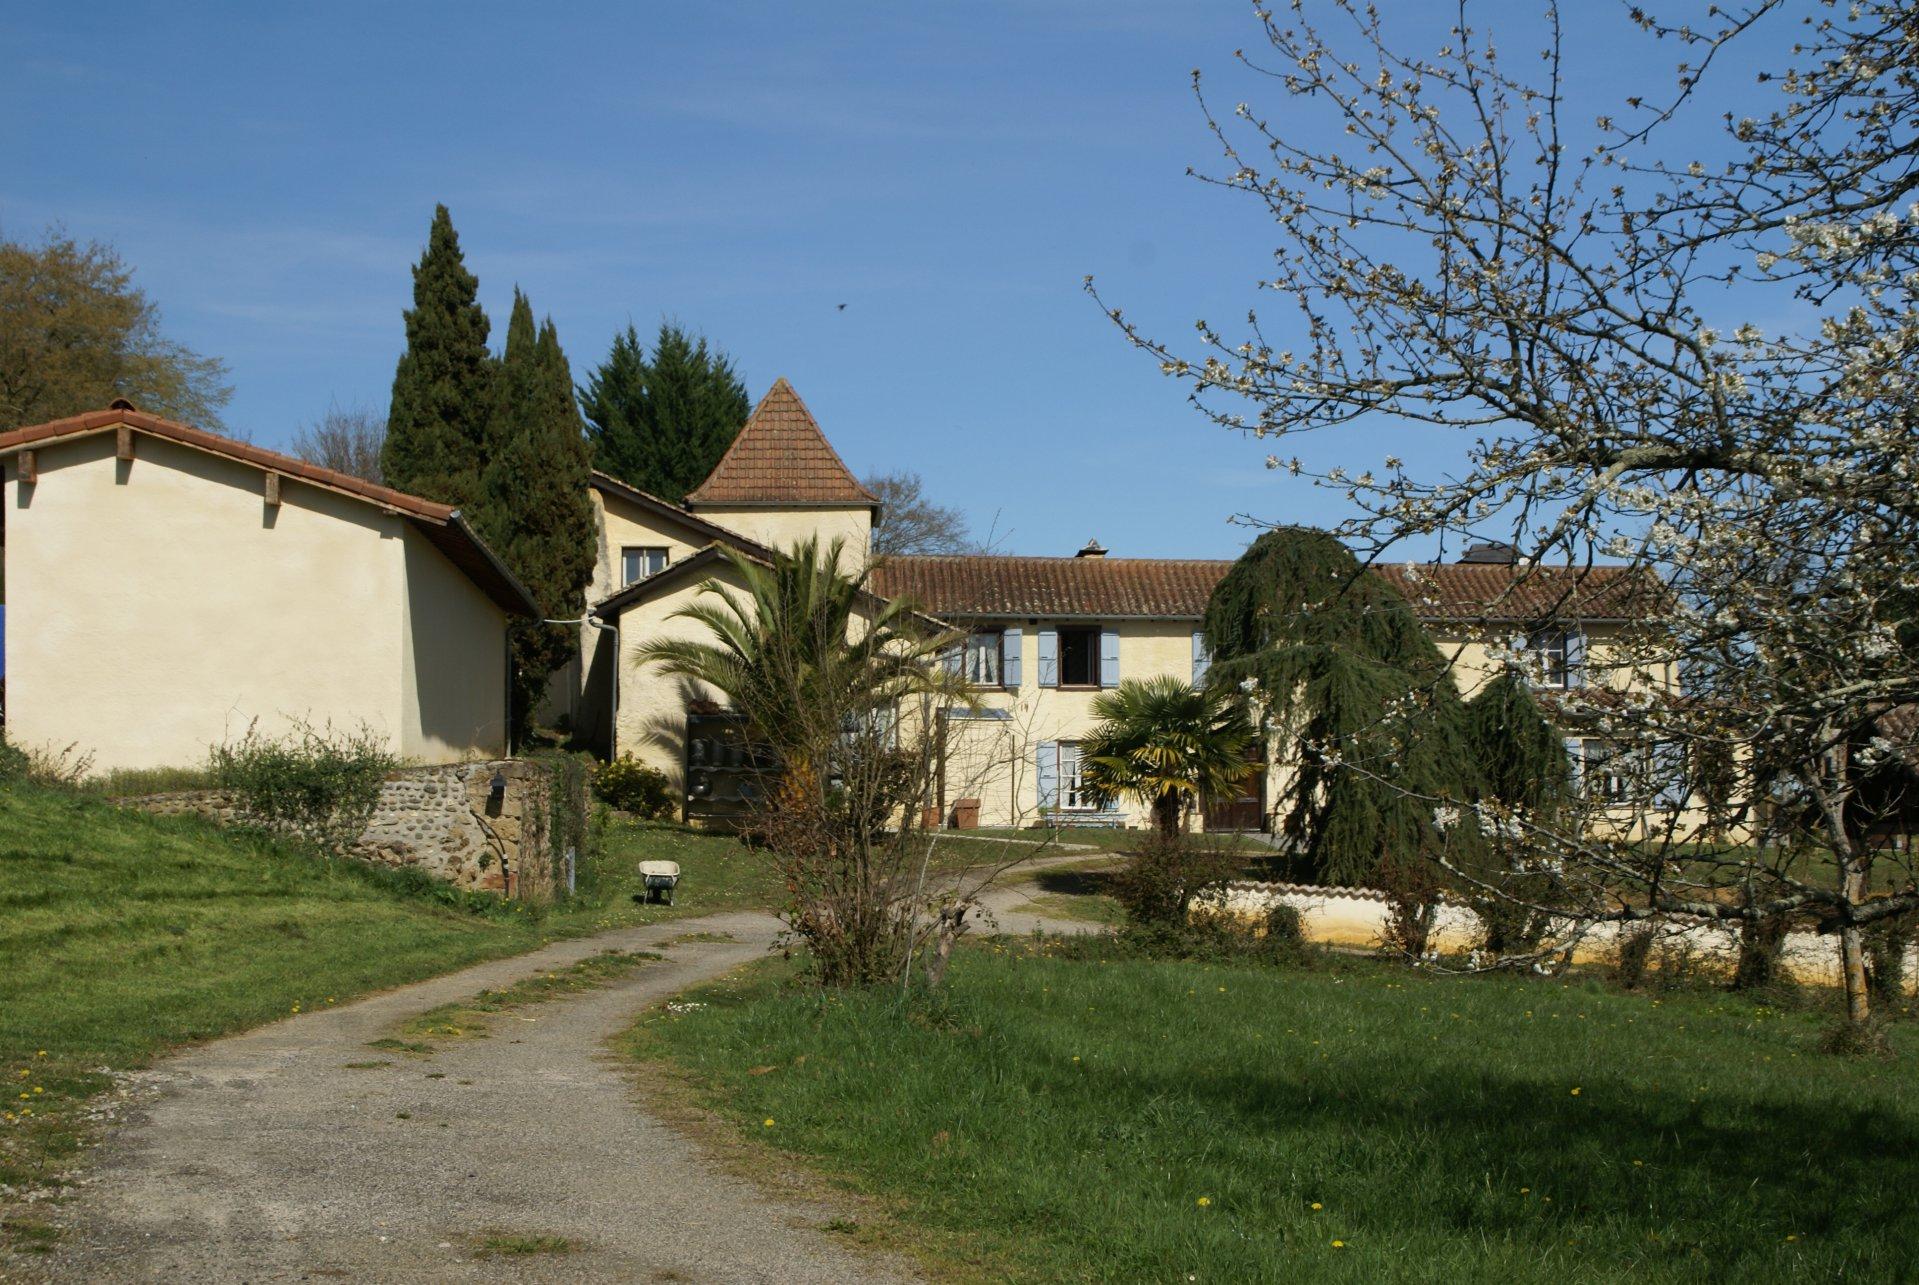 Belle maison de maître entièrement restaurée avec écuries et gîte Gers, Midi-Pyrénées.